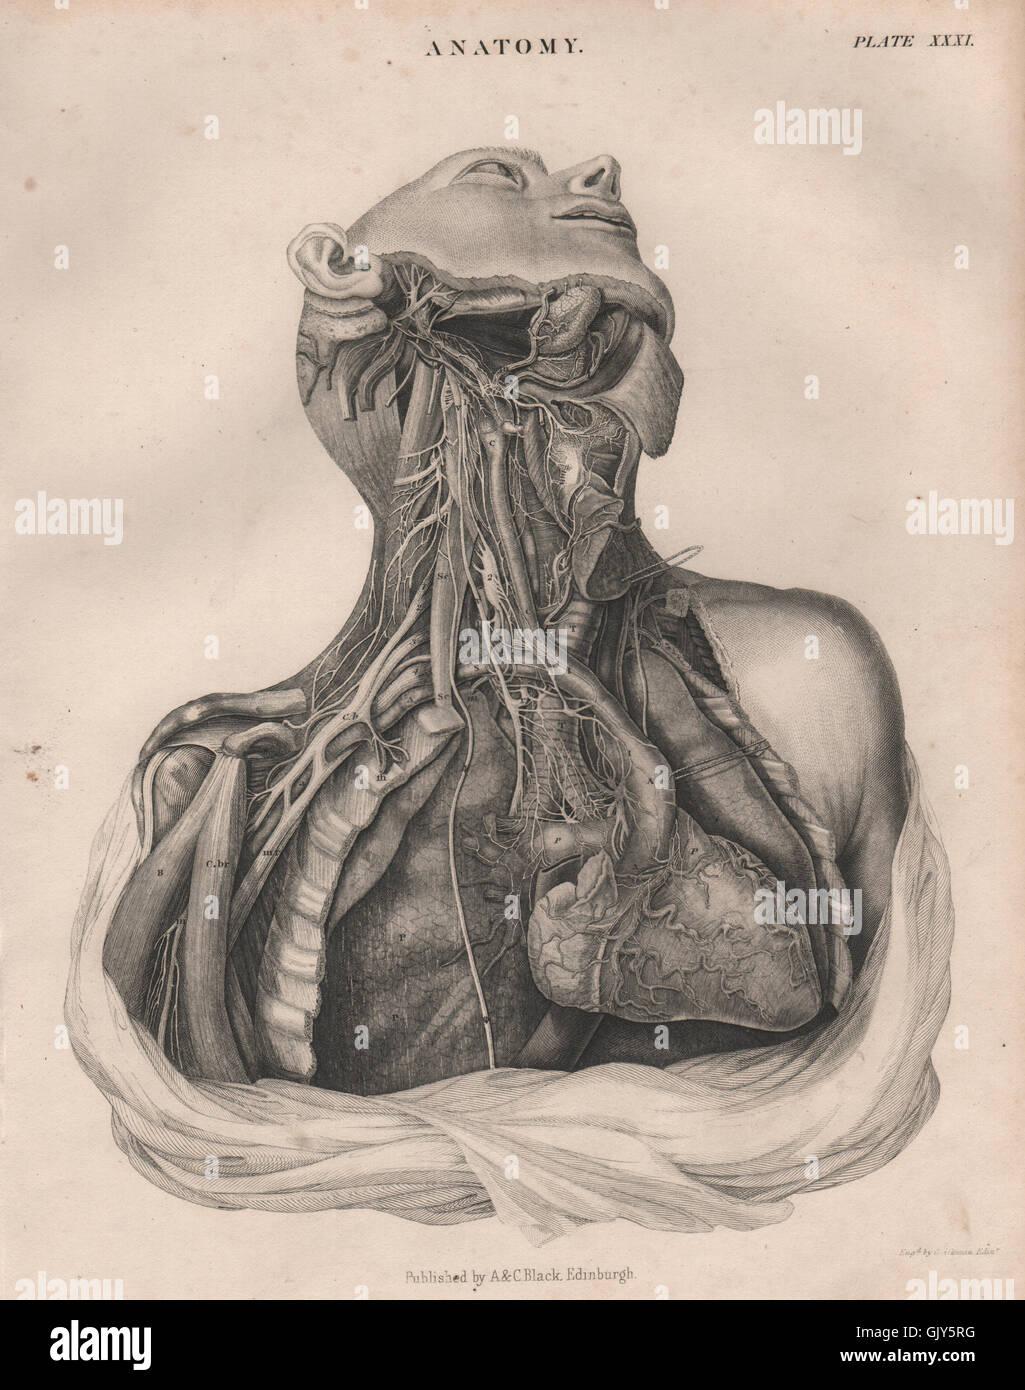 Nett Halsvenenanatomie Fotos - Menschliche Anatomie Bilder ...